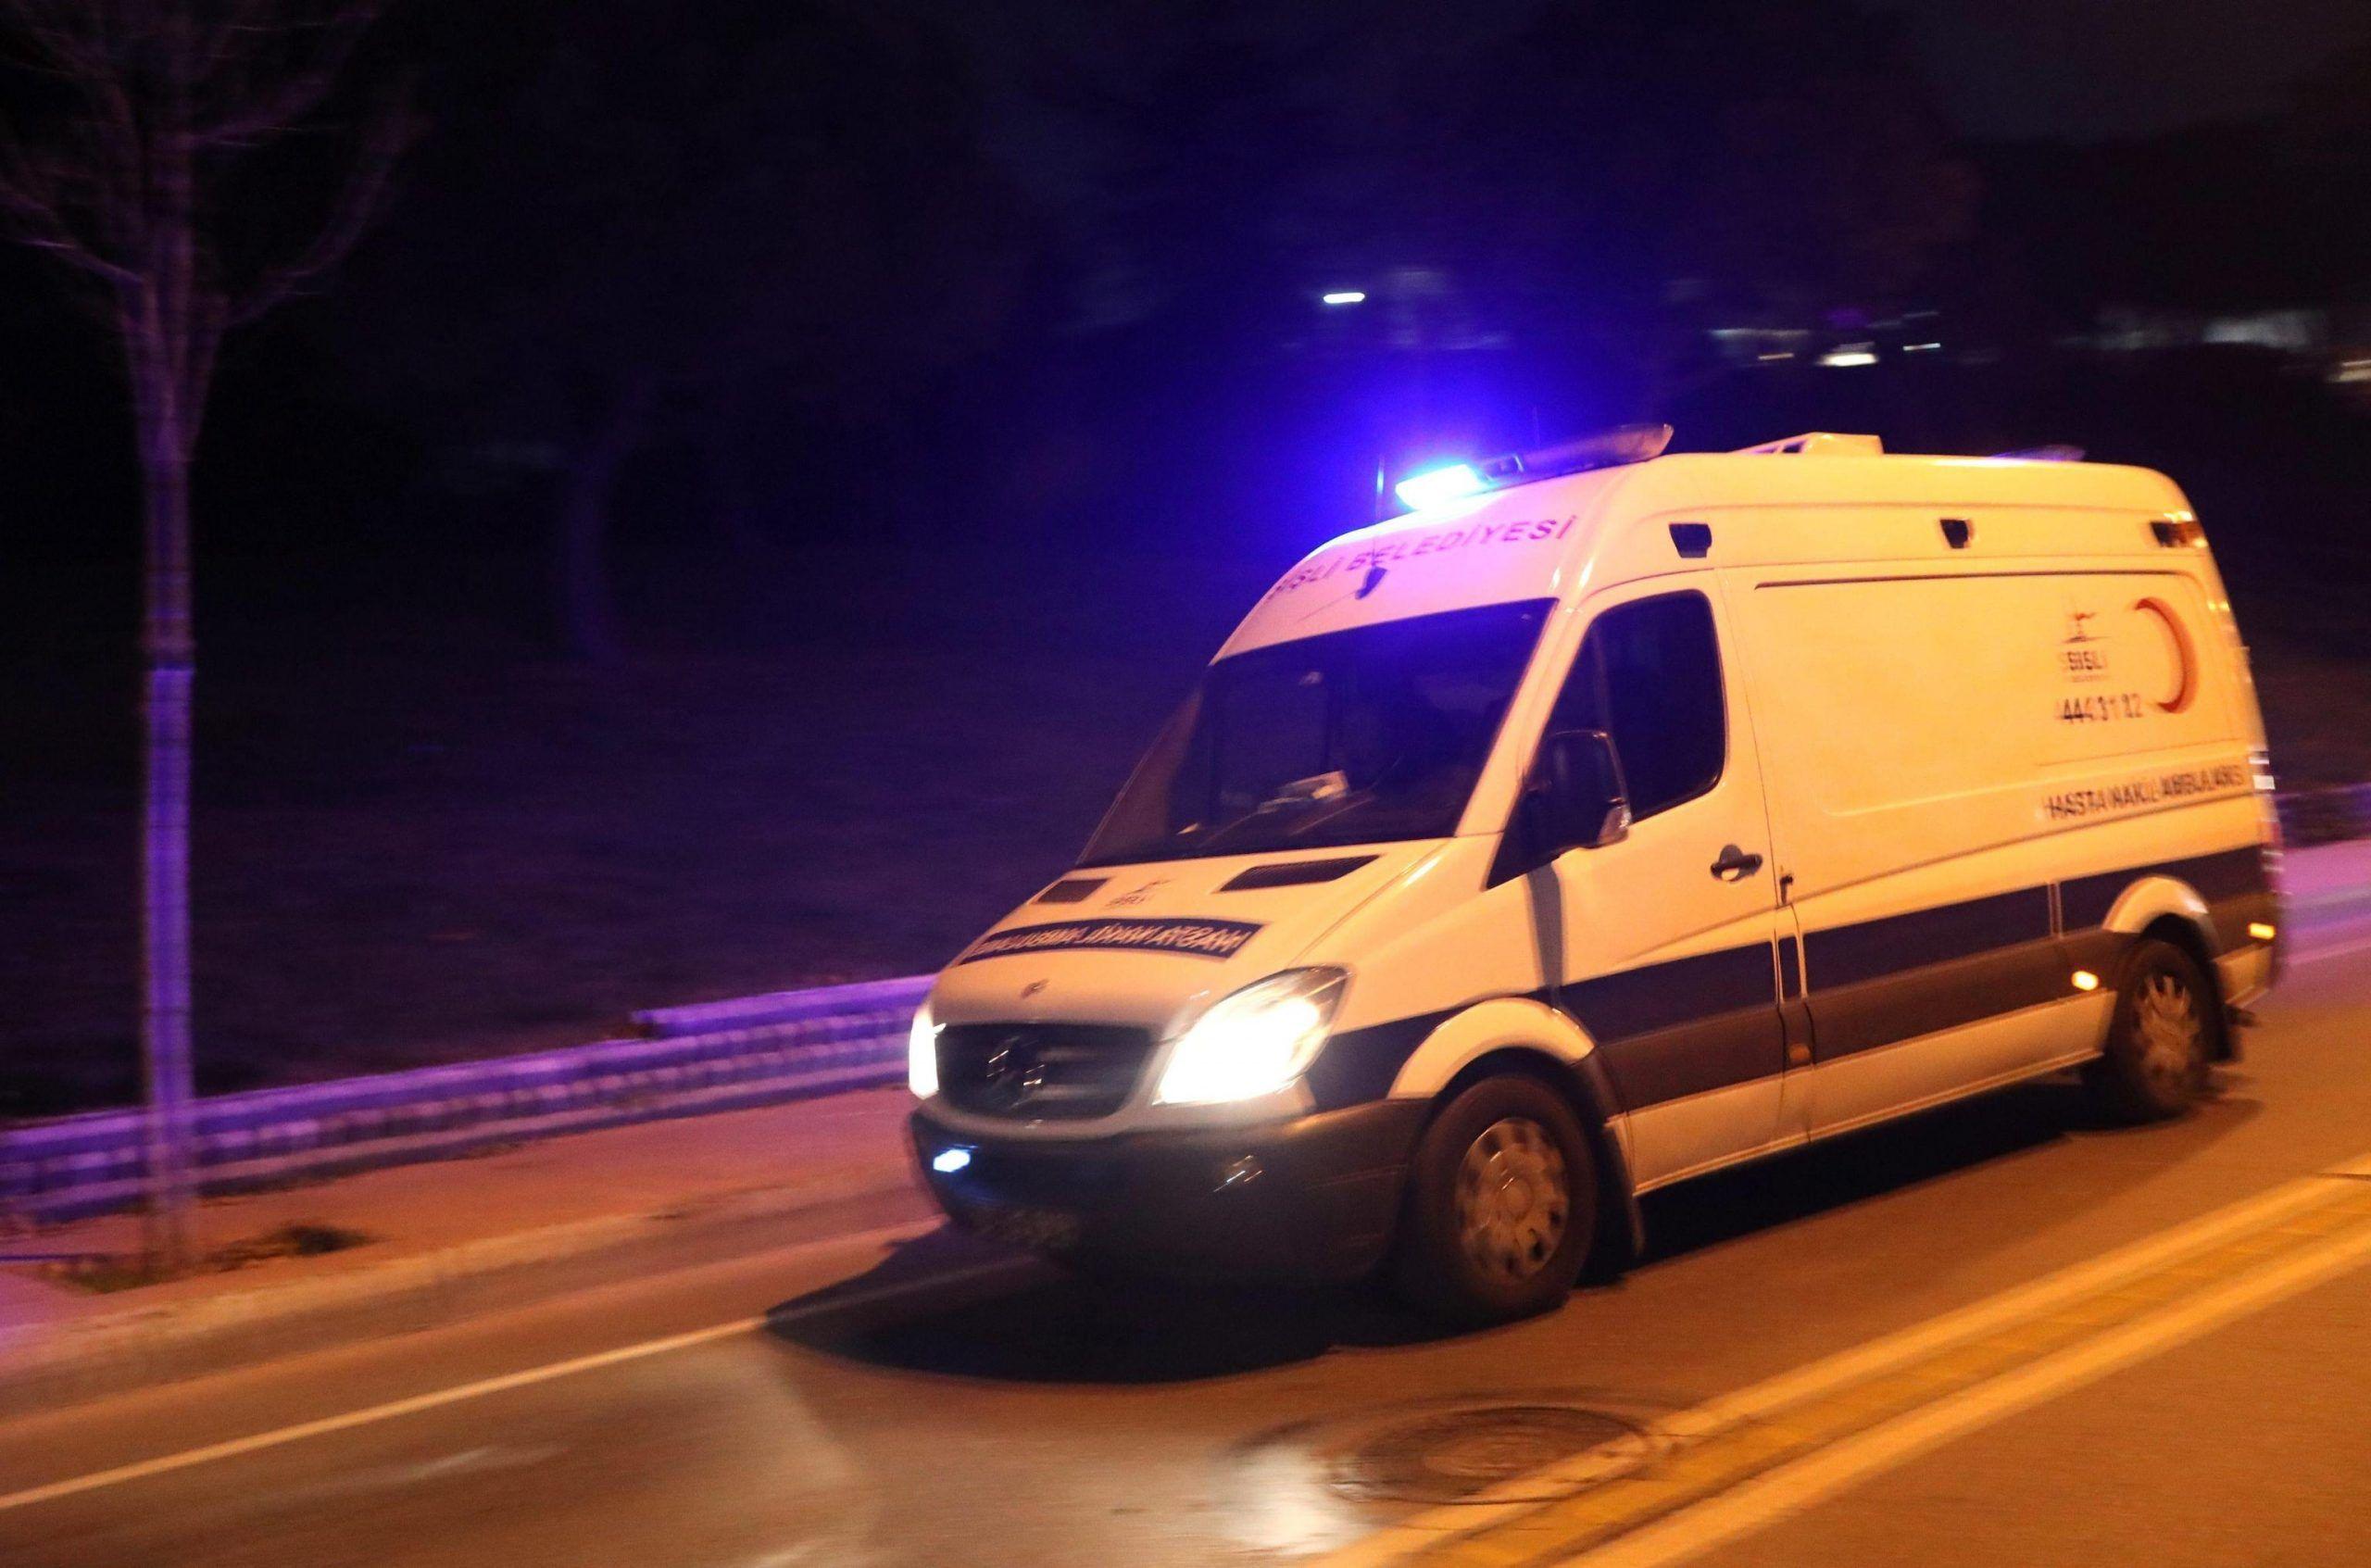 Turchia: ospita in hotel un uomo appena conosciuto. Lei si rifiuta di fare sesso e lui la massacra di botte